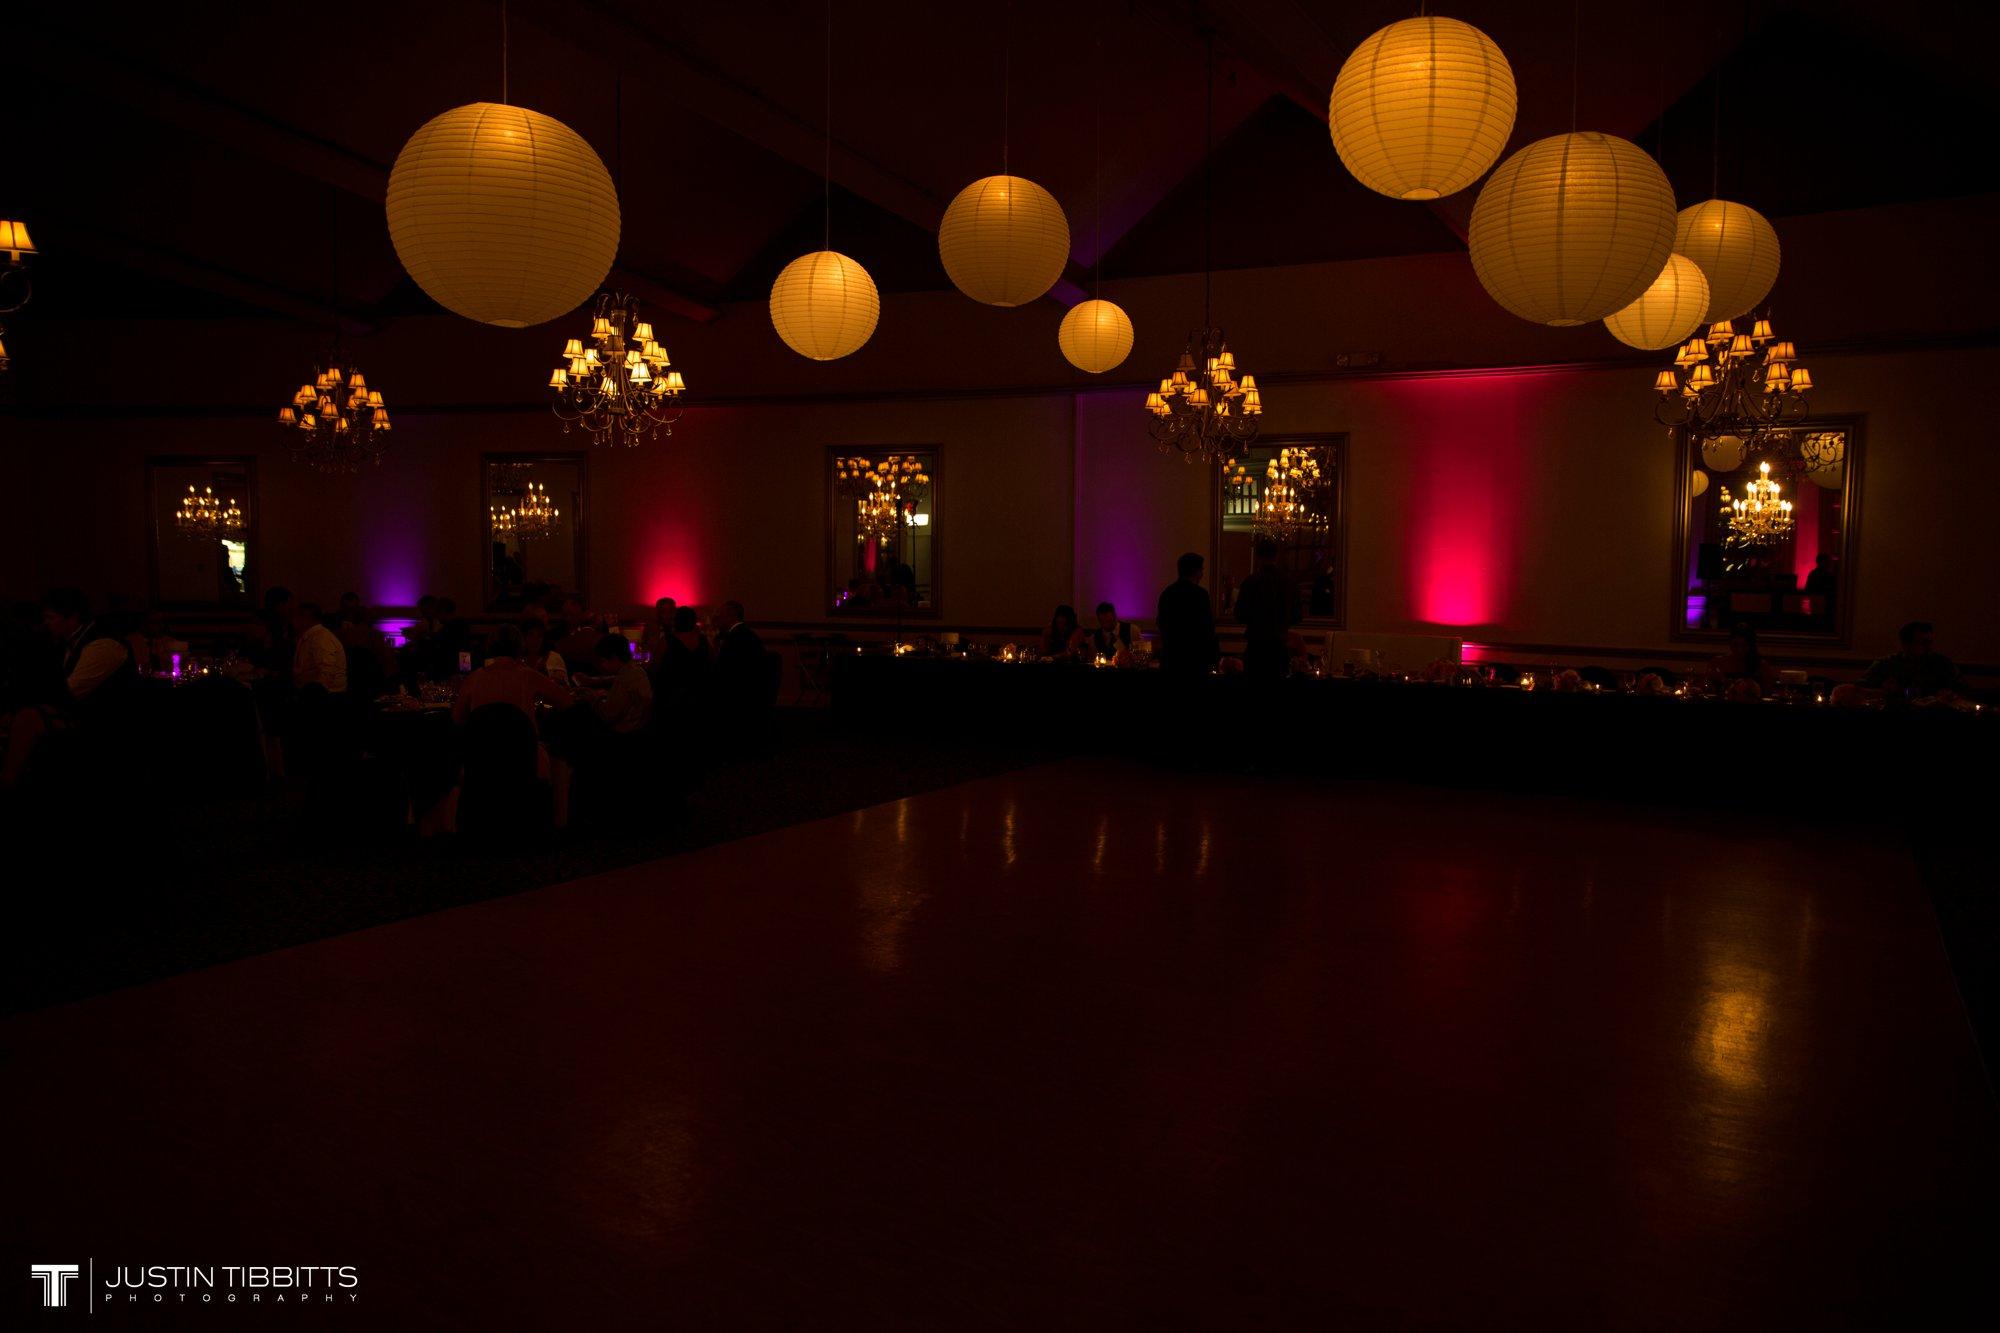 Albany NY Wedding Photographer Justin Tibbitts Photography 2014 Best of Albany NY Weddings-4021023394440